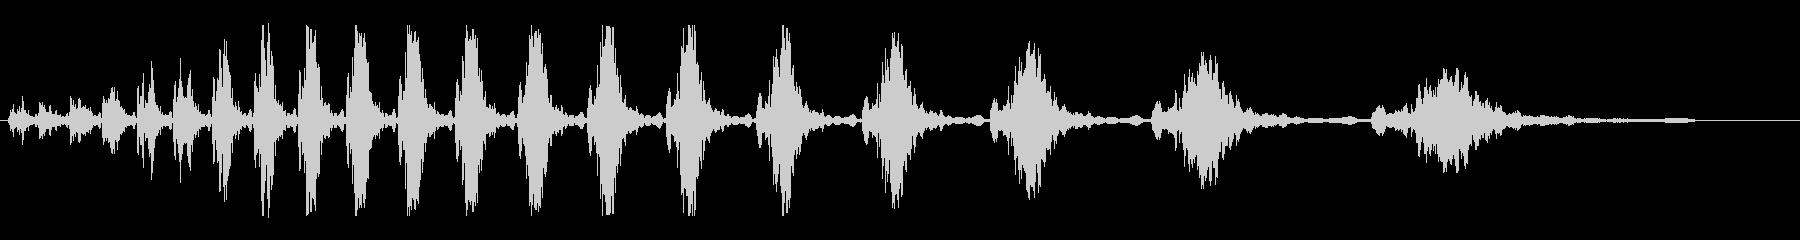 ブルブルシュッシュッシュの未再生の波形